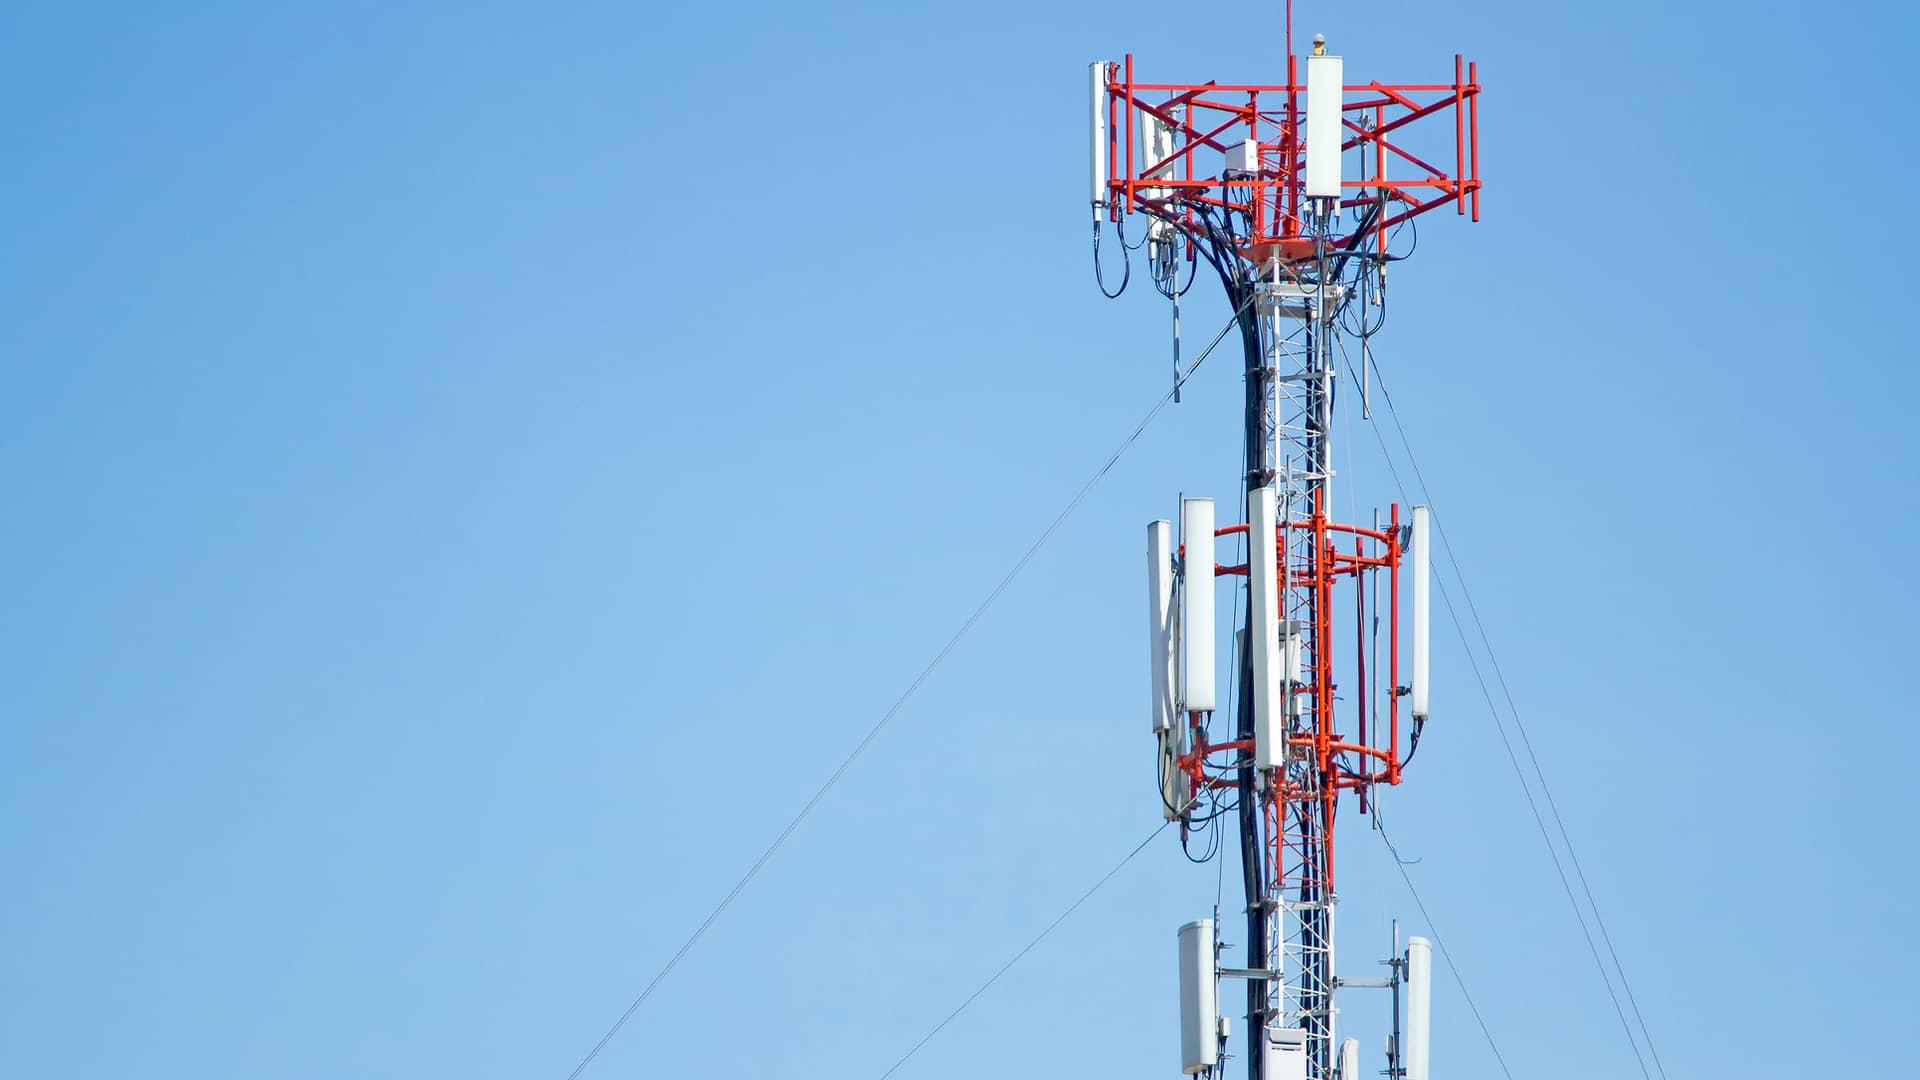 Antena telefónica simboliza la cobertura de yoigo